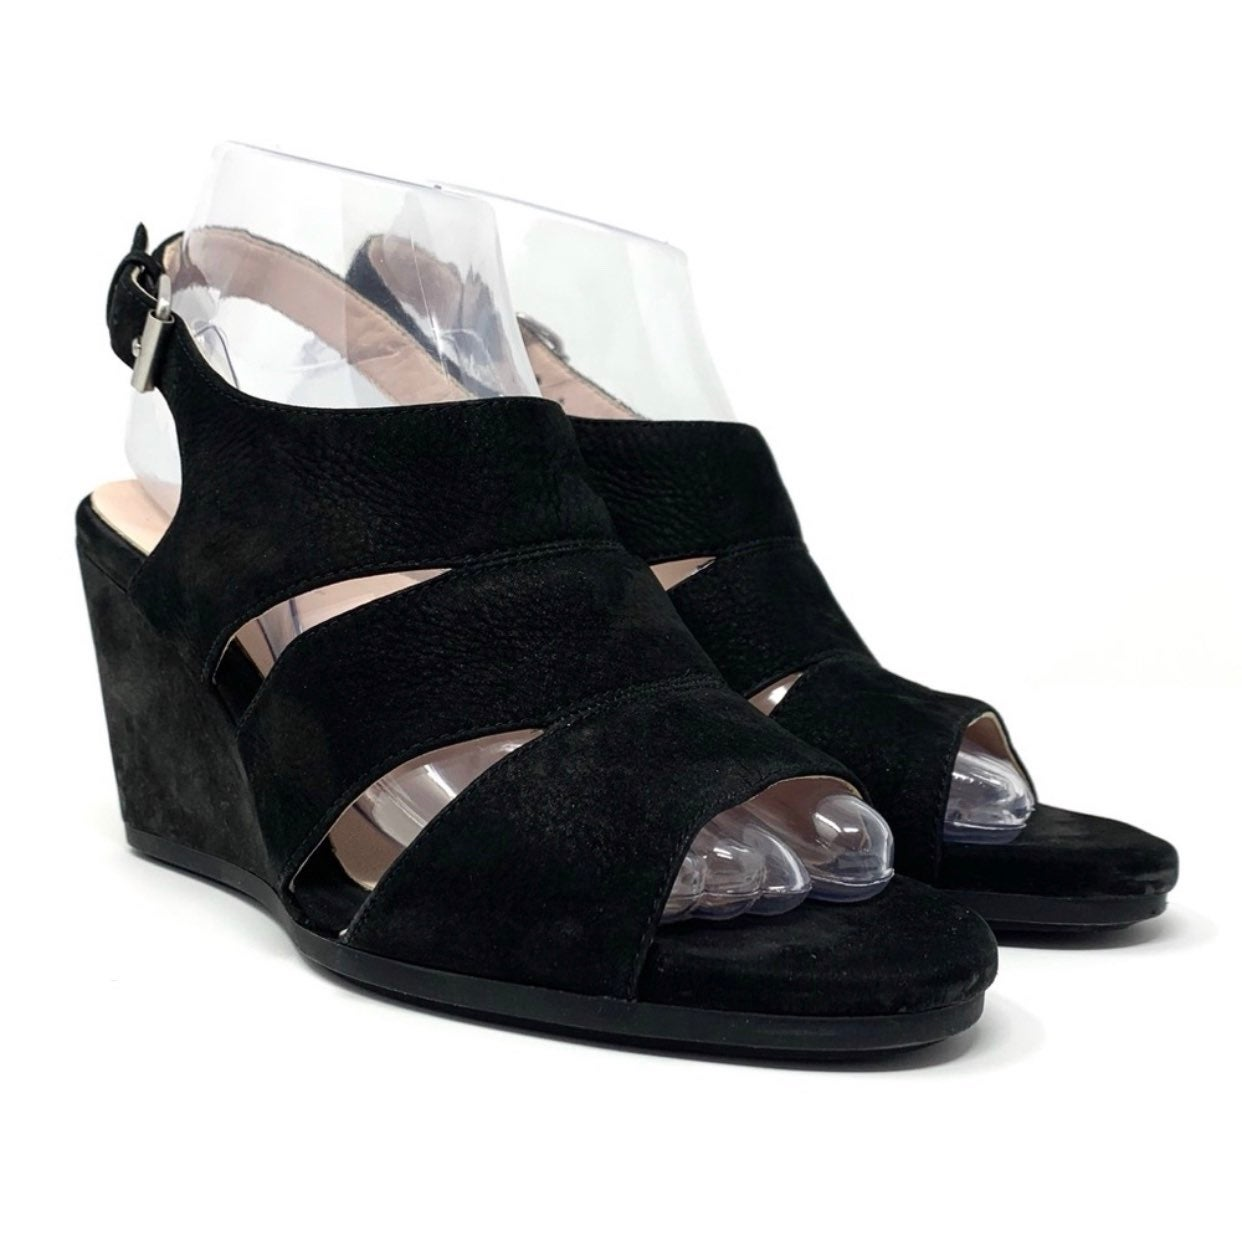 Taryn Rose Dee Dee Nubuck Wedge Sandals